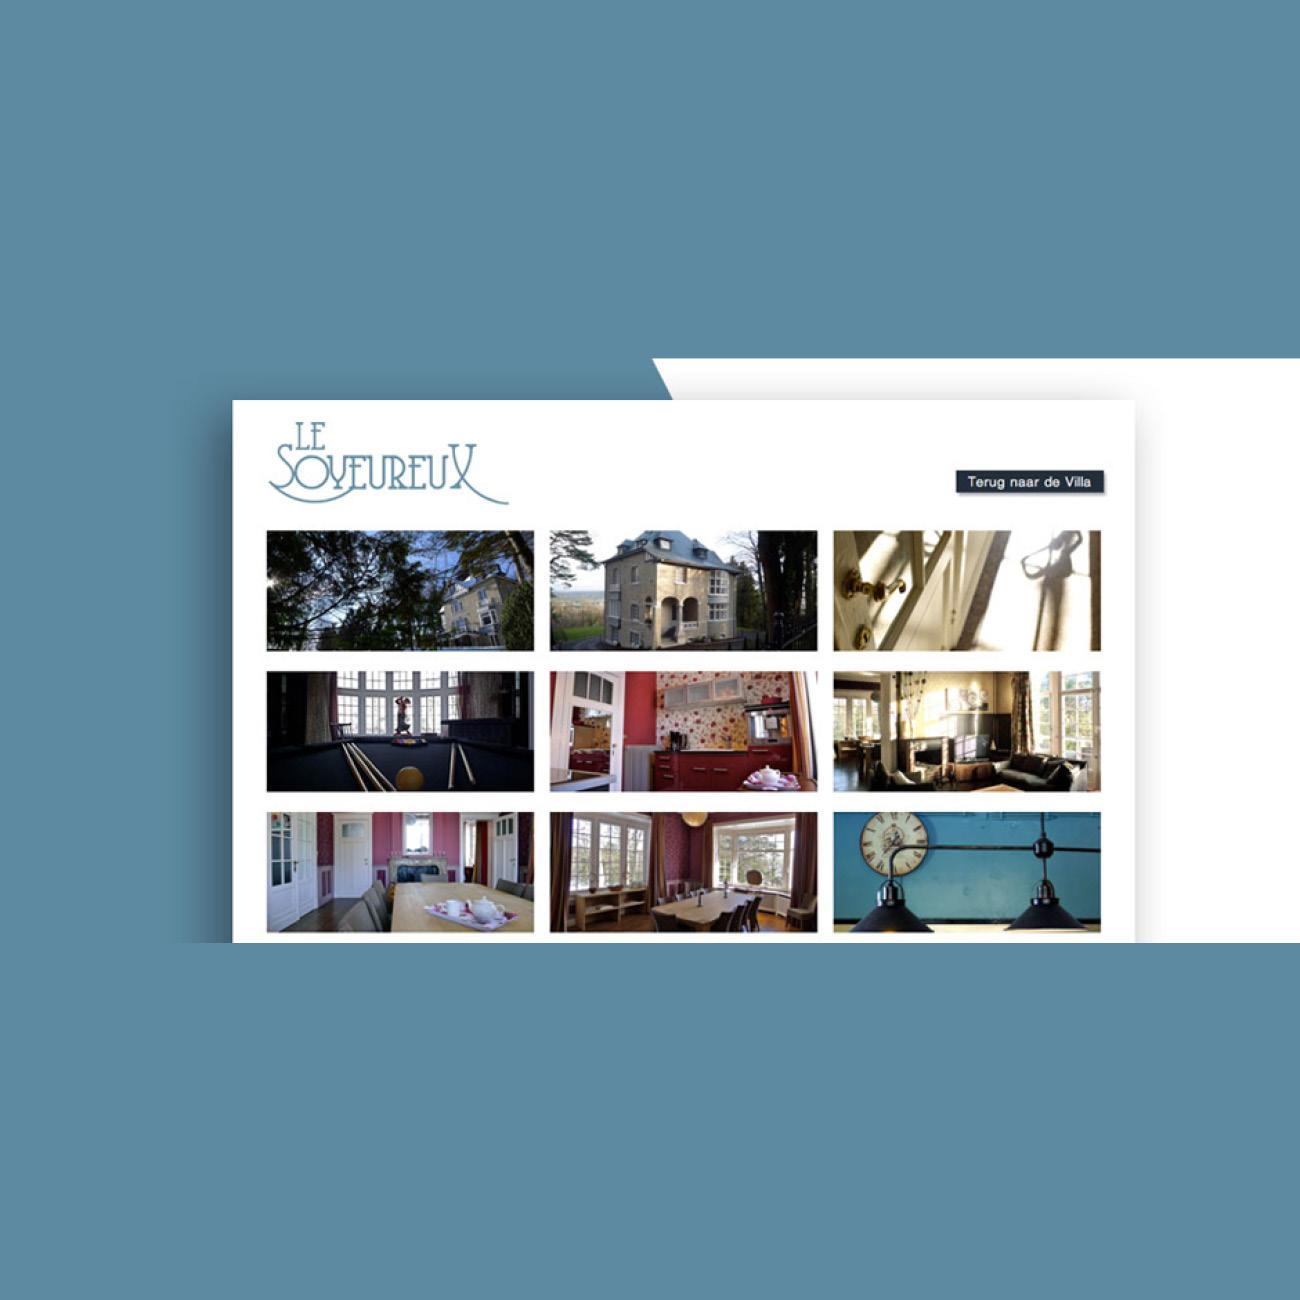 Miko Digital Agence Web à Liège - Site internet pour Le Soyeureux à Spa